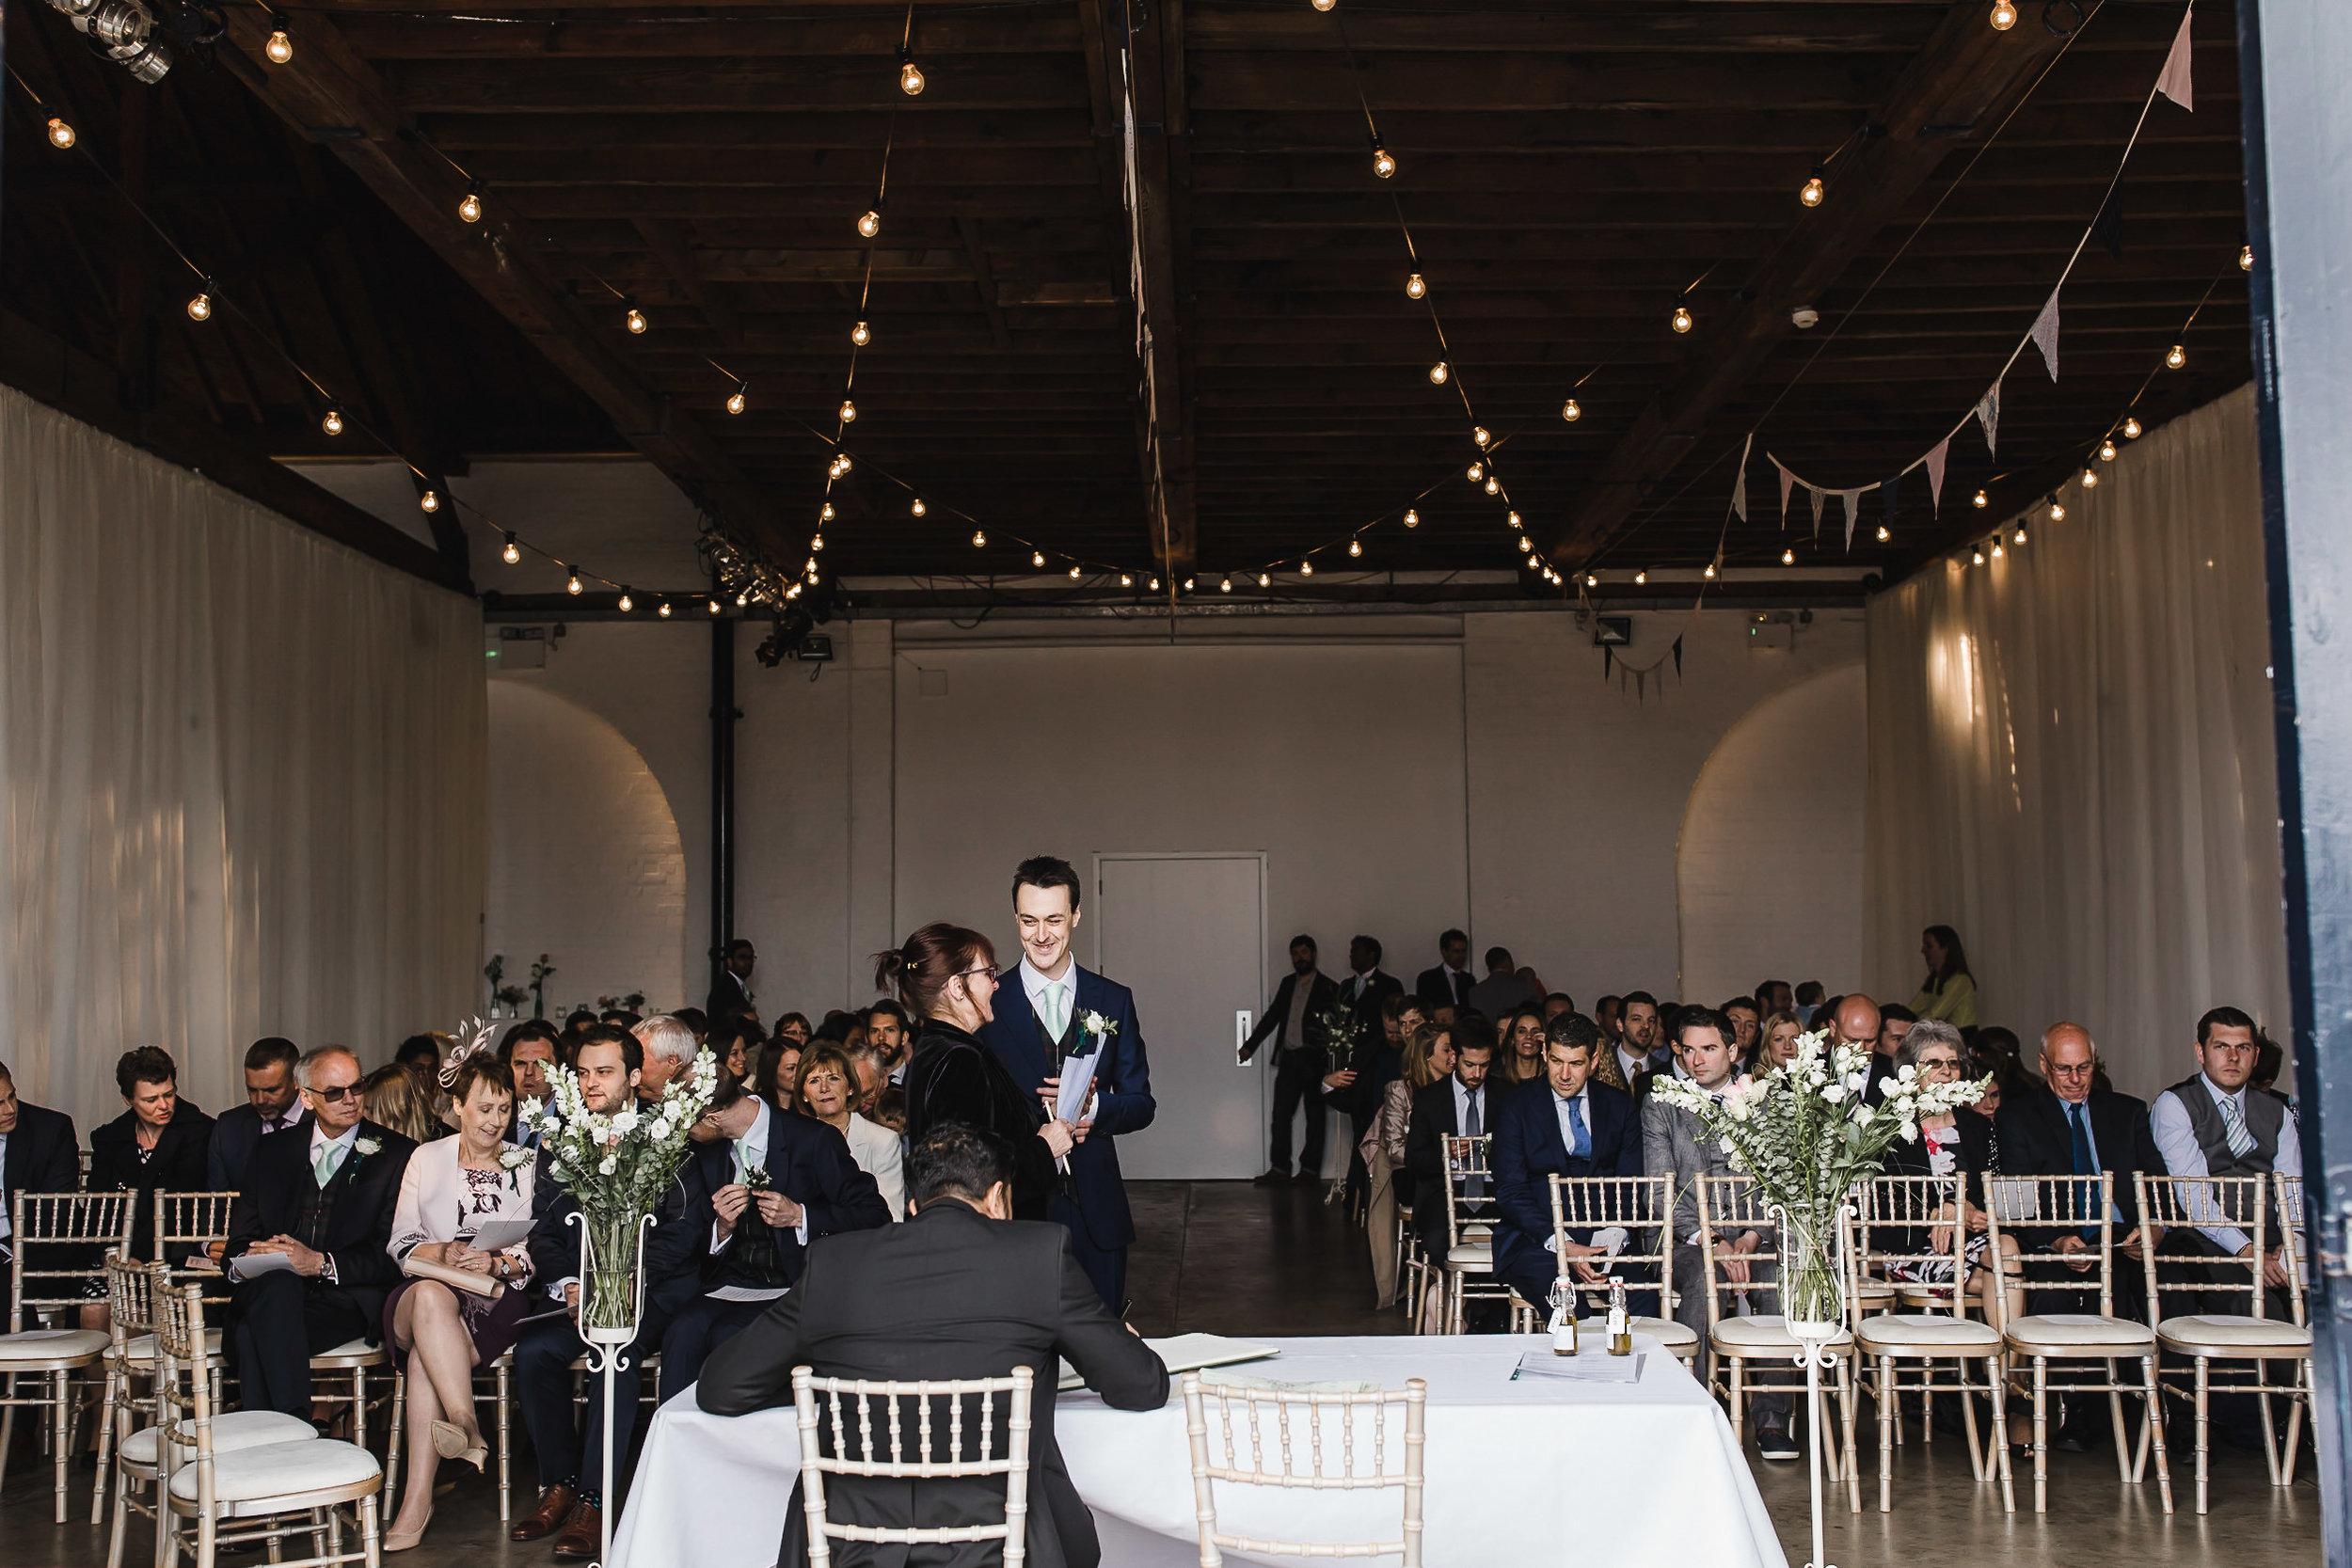 Trinity-Buoy-Wharf-Wedding-078.jpg